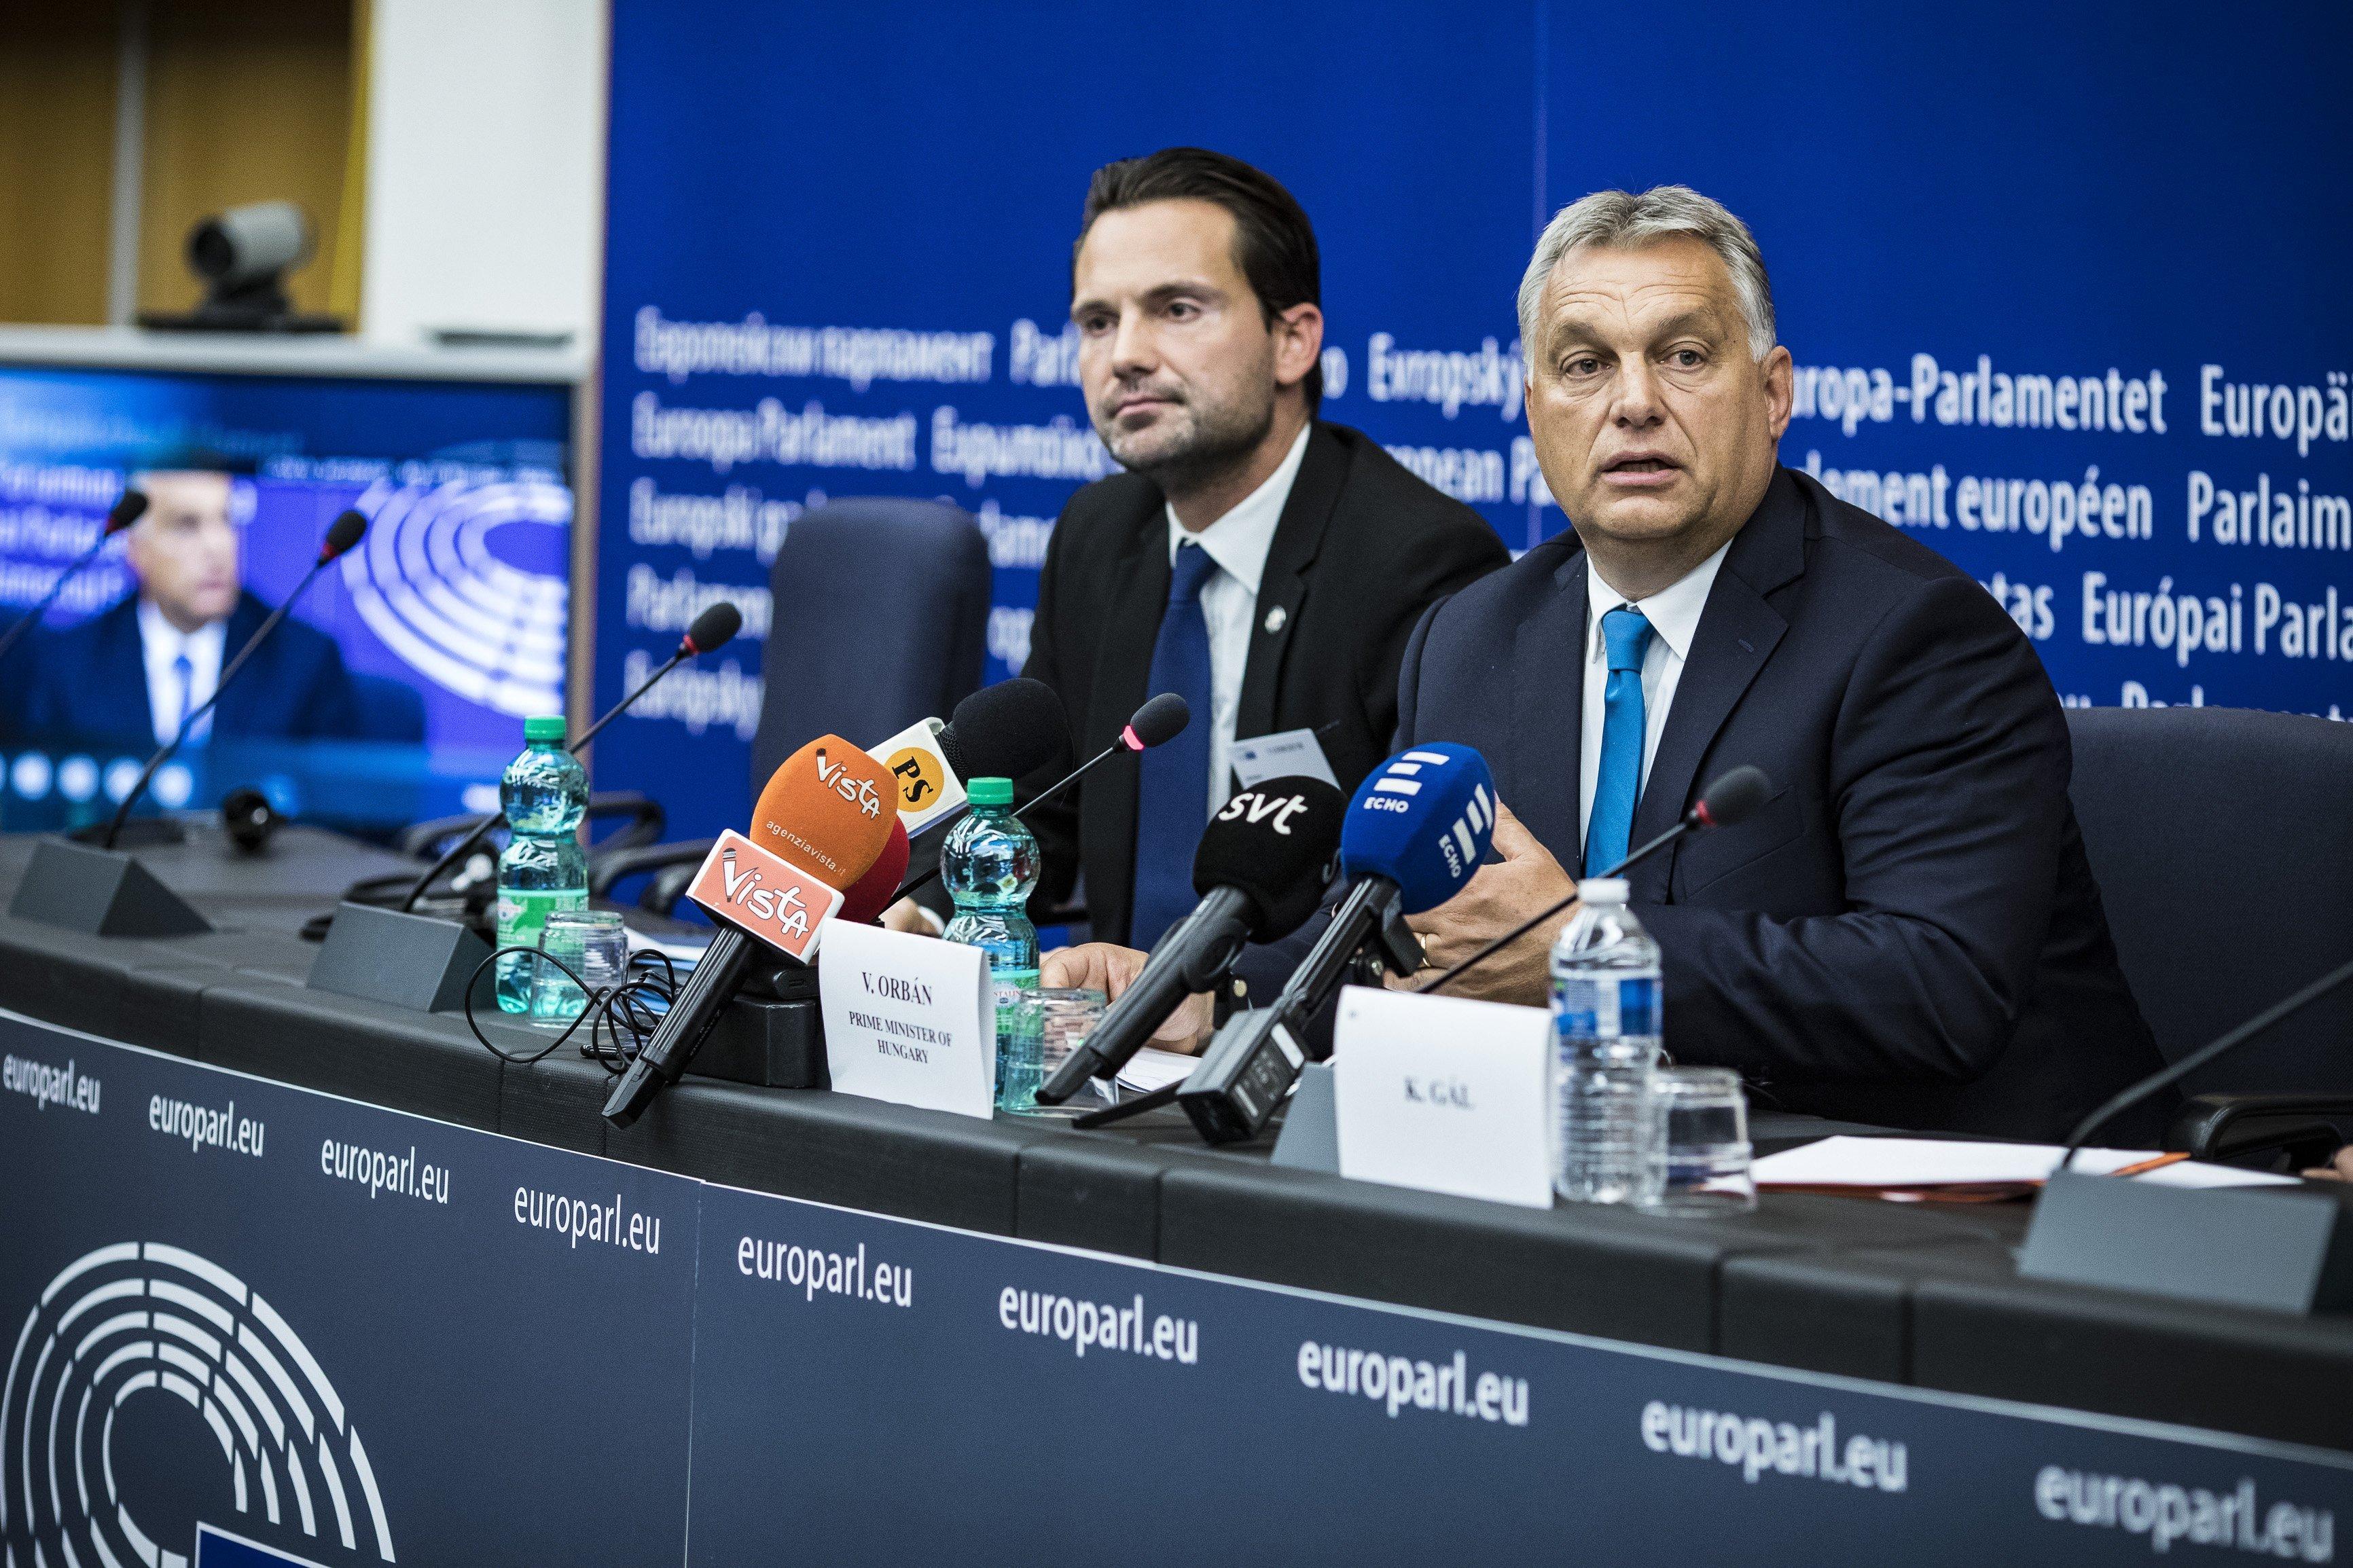 Havasi Bertalan súgta meg Orbánnak, mit kell válaszolnia a sajtótájékoztatón